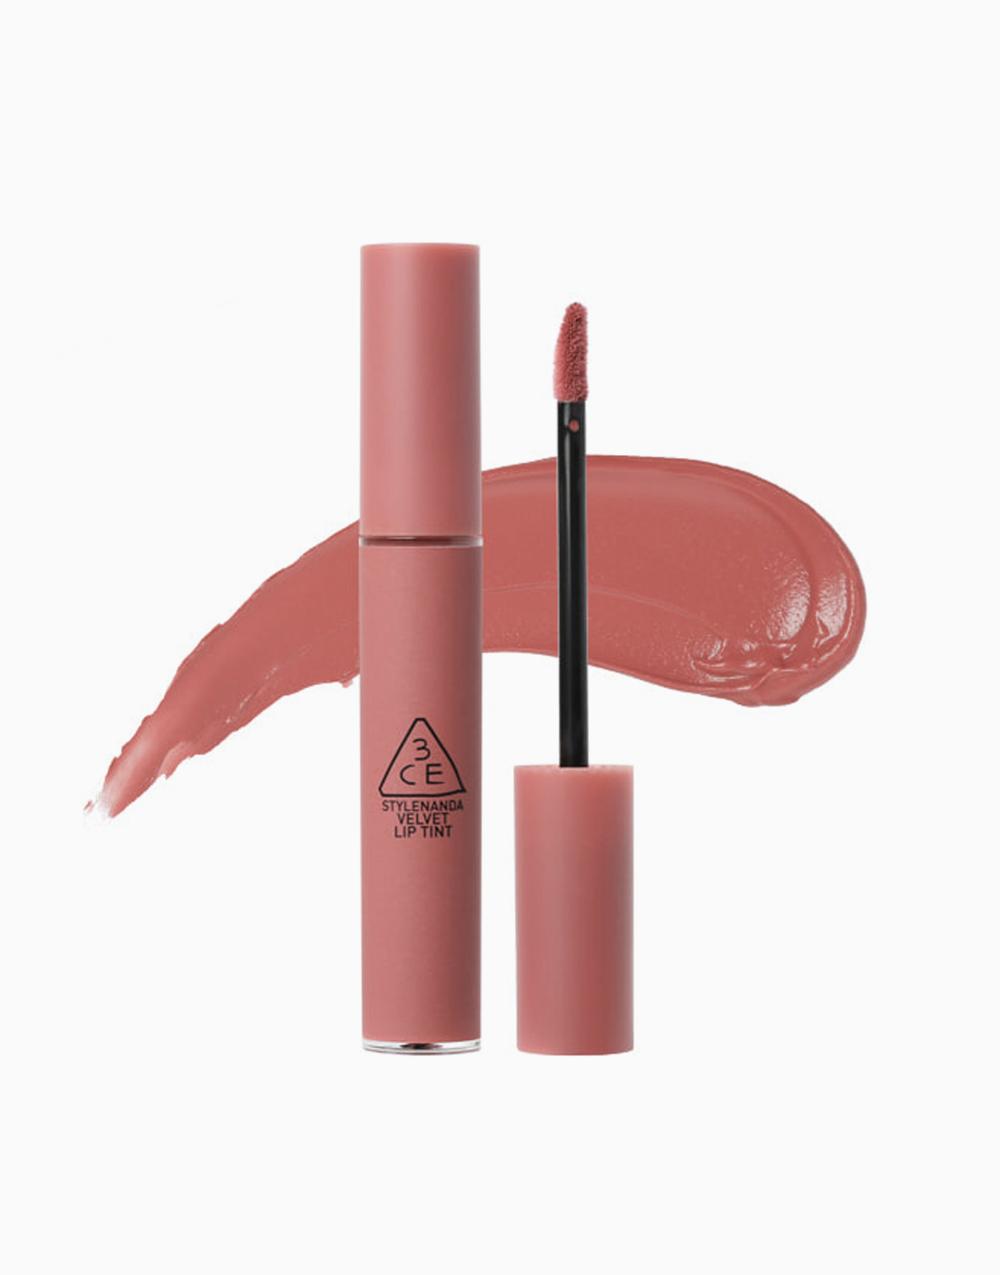 Velvet Lip Tint by 3CE (3 Concept Eyes) | #Near and Dear